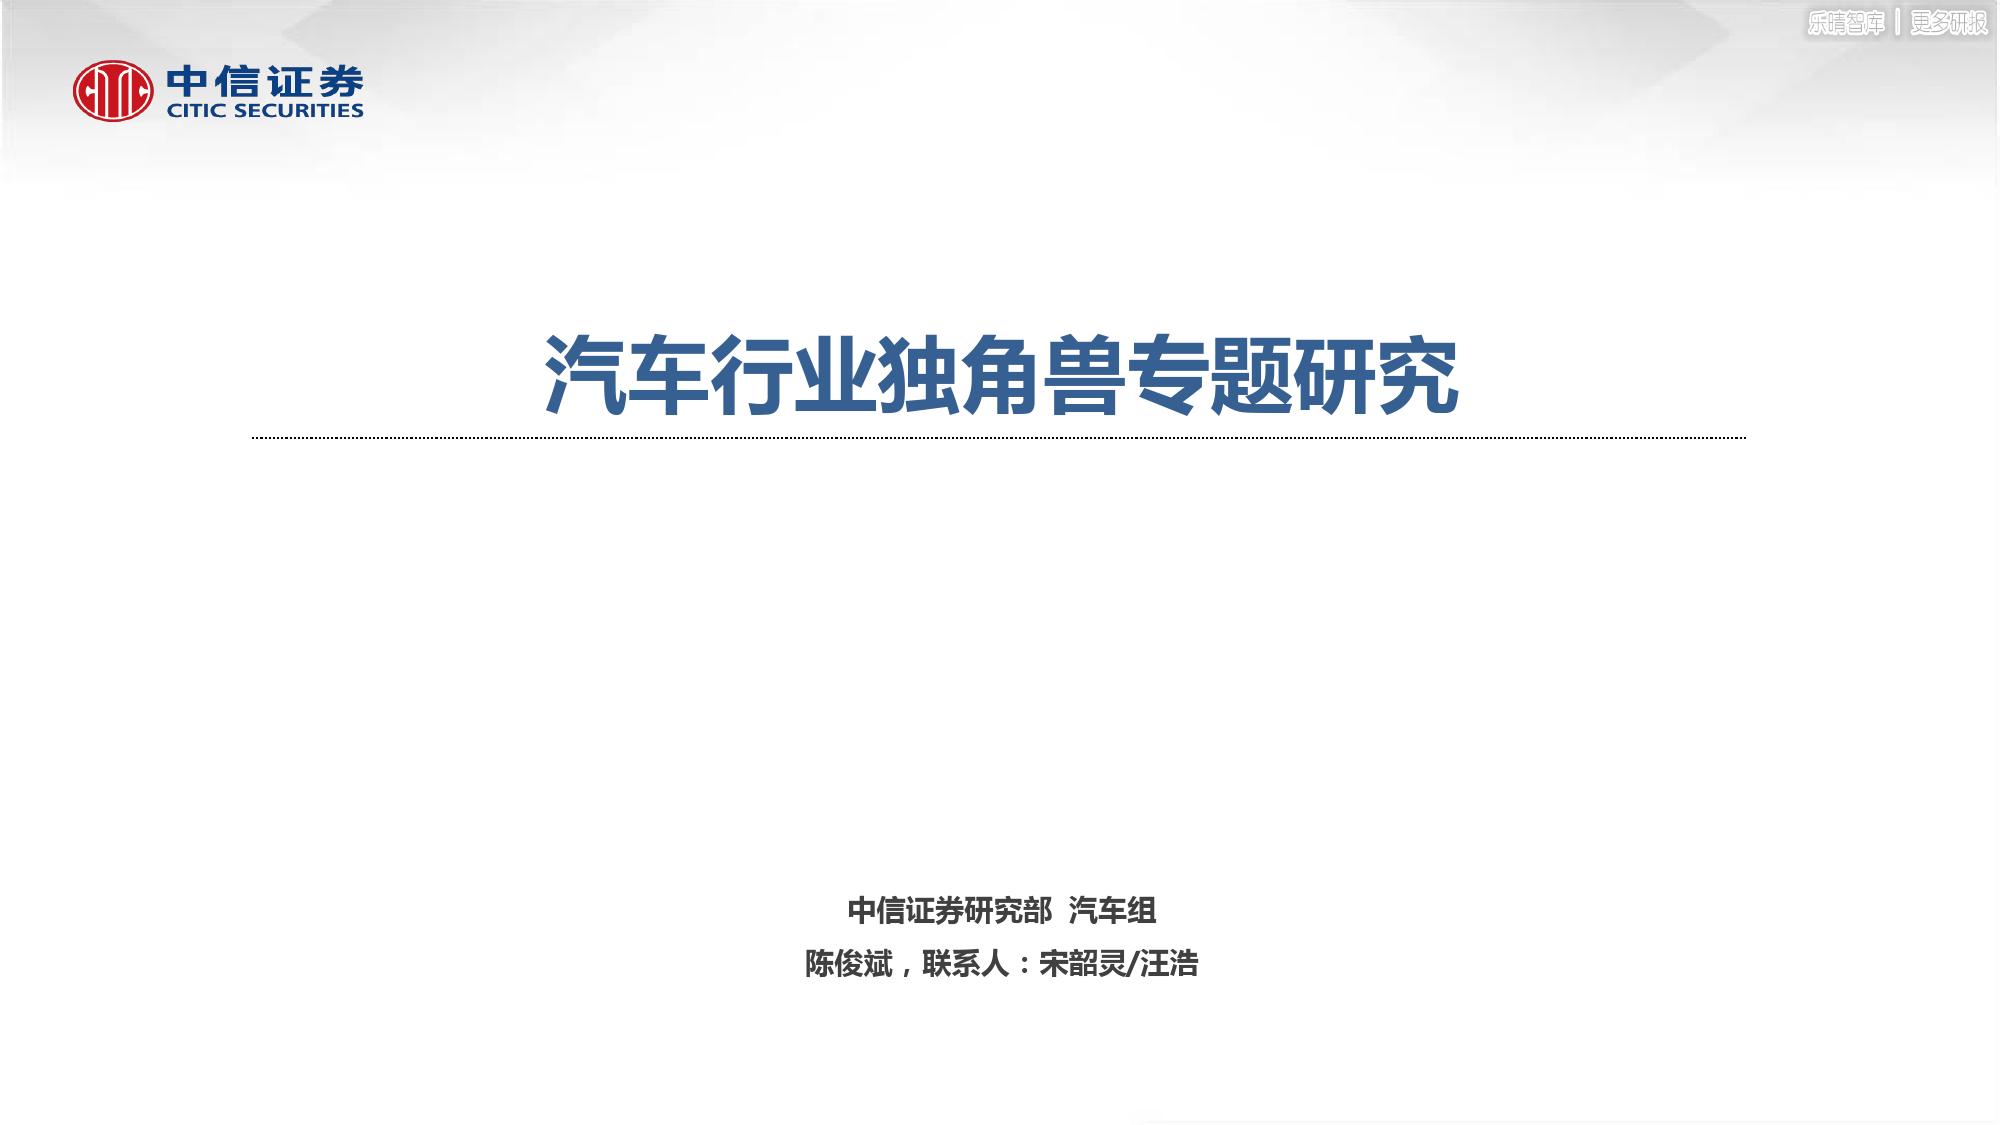 中信证券:汽车行业独角兽专题研究(附下载)